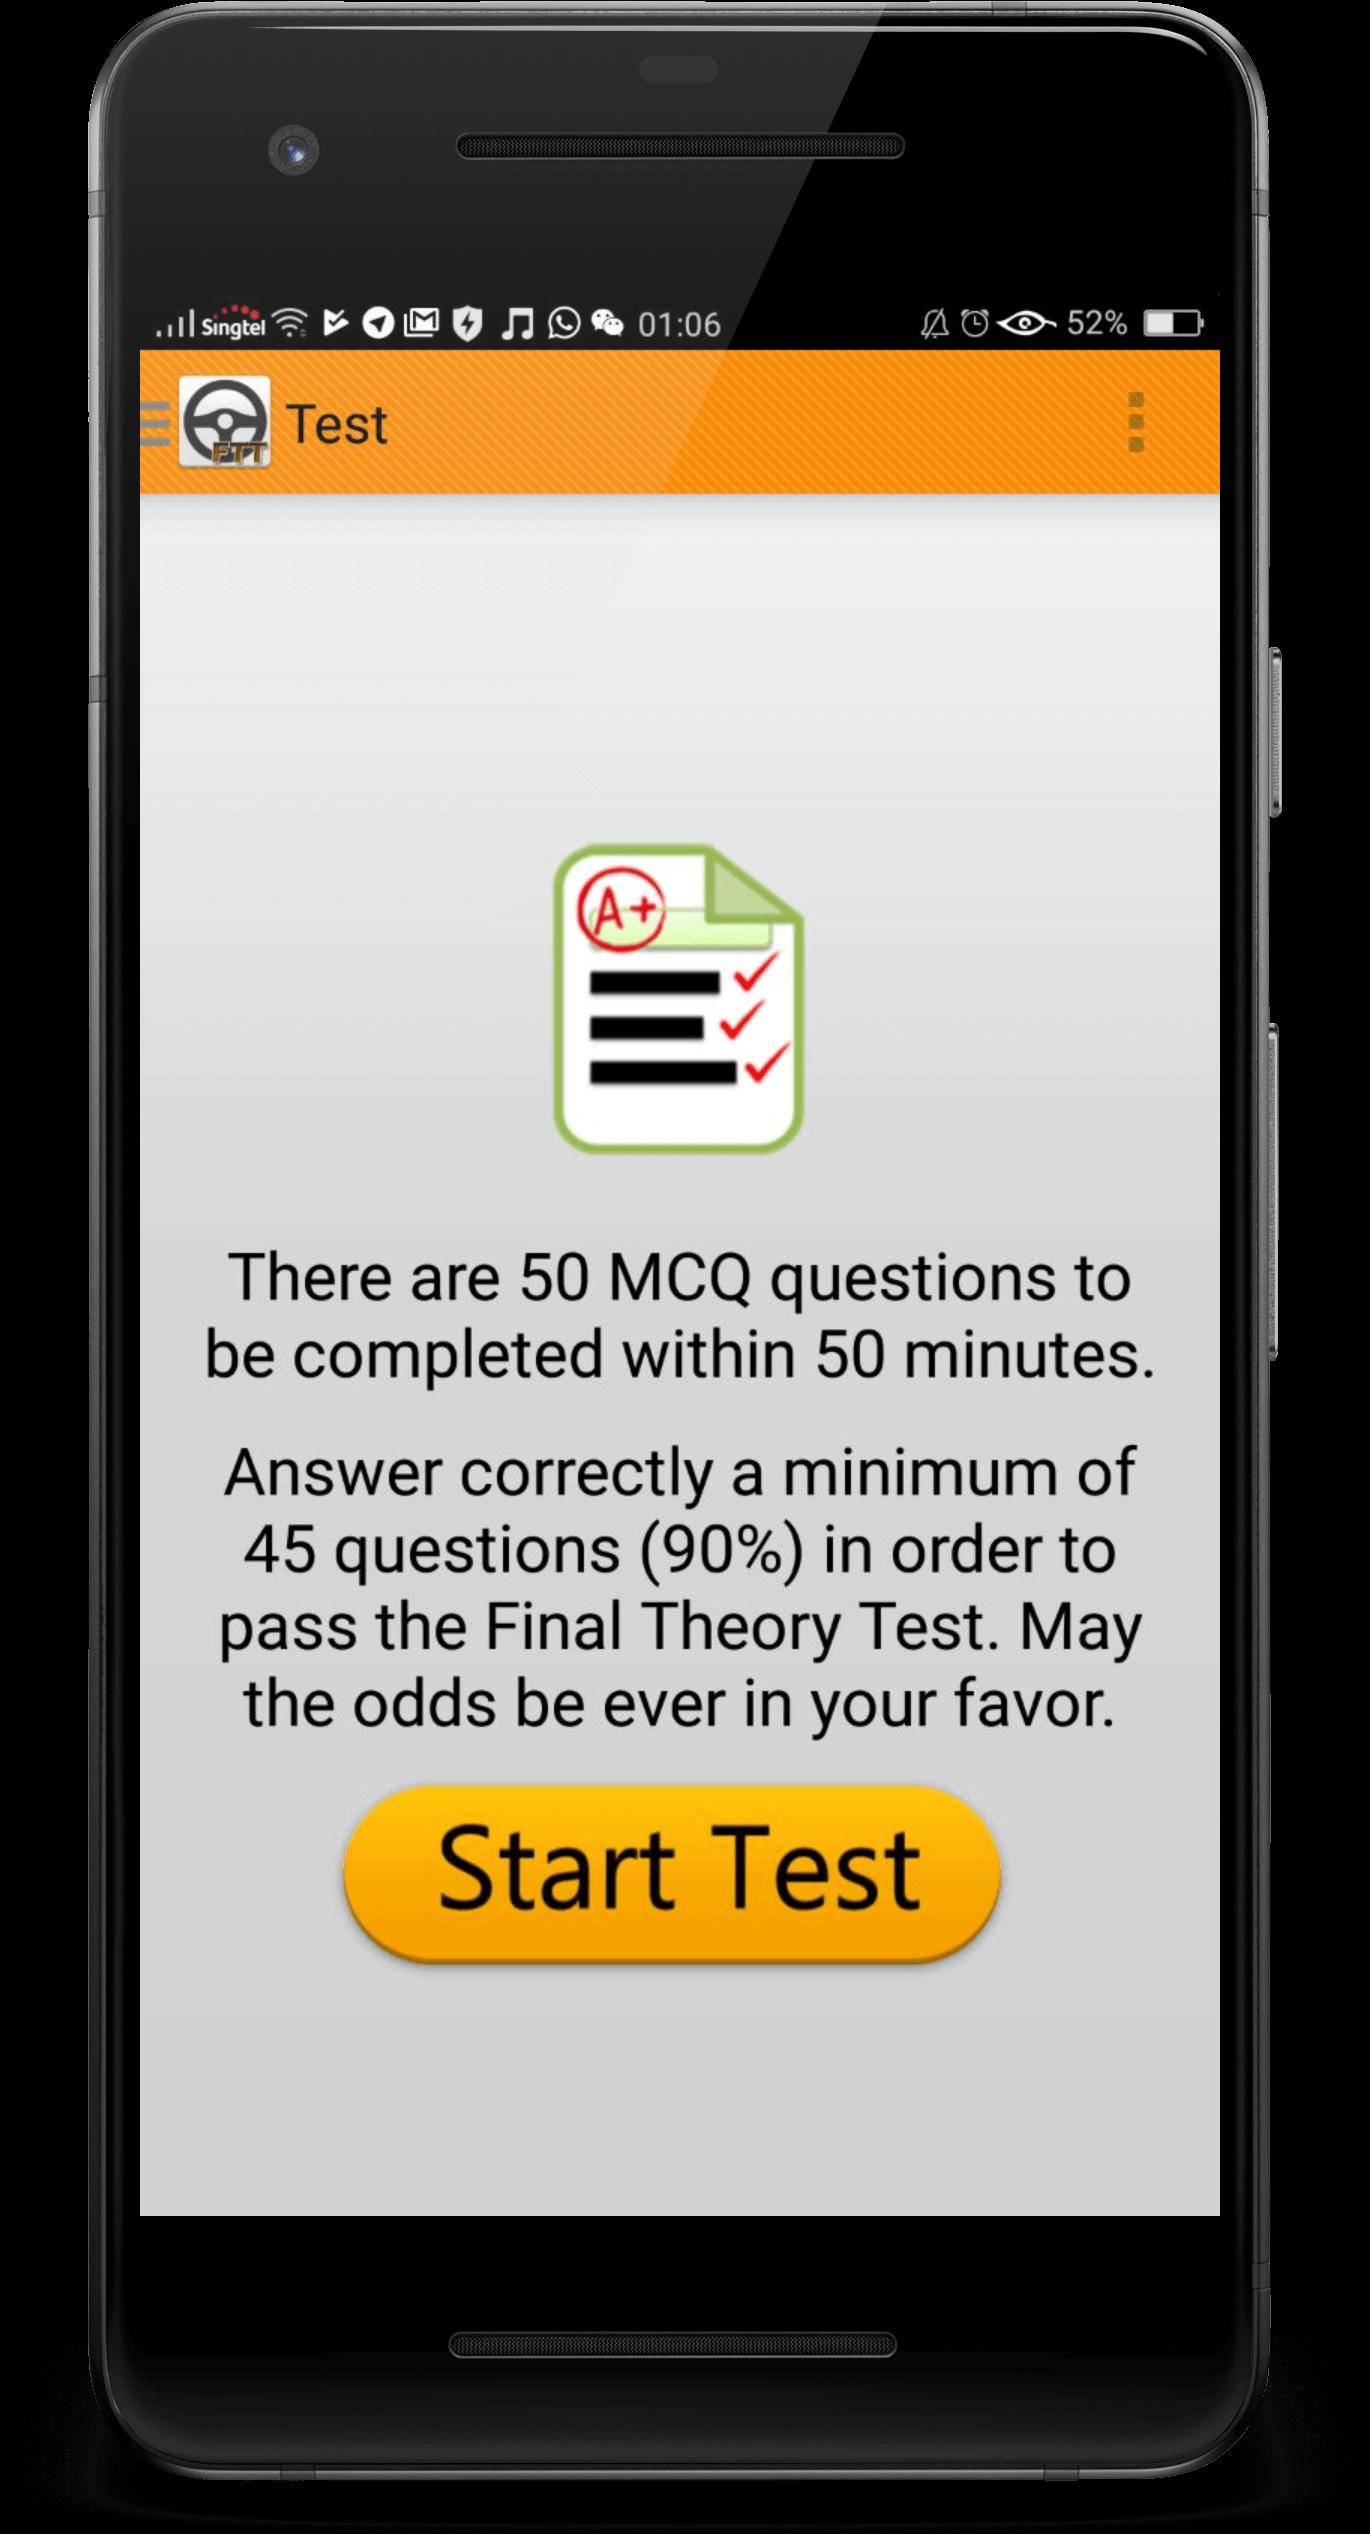 ftt_start_test